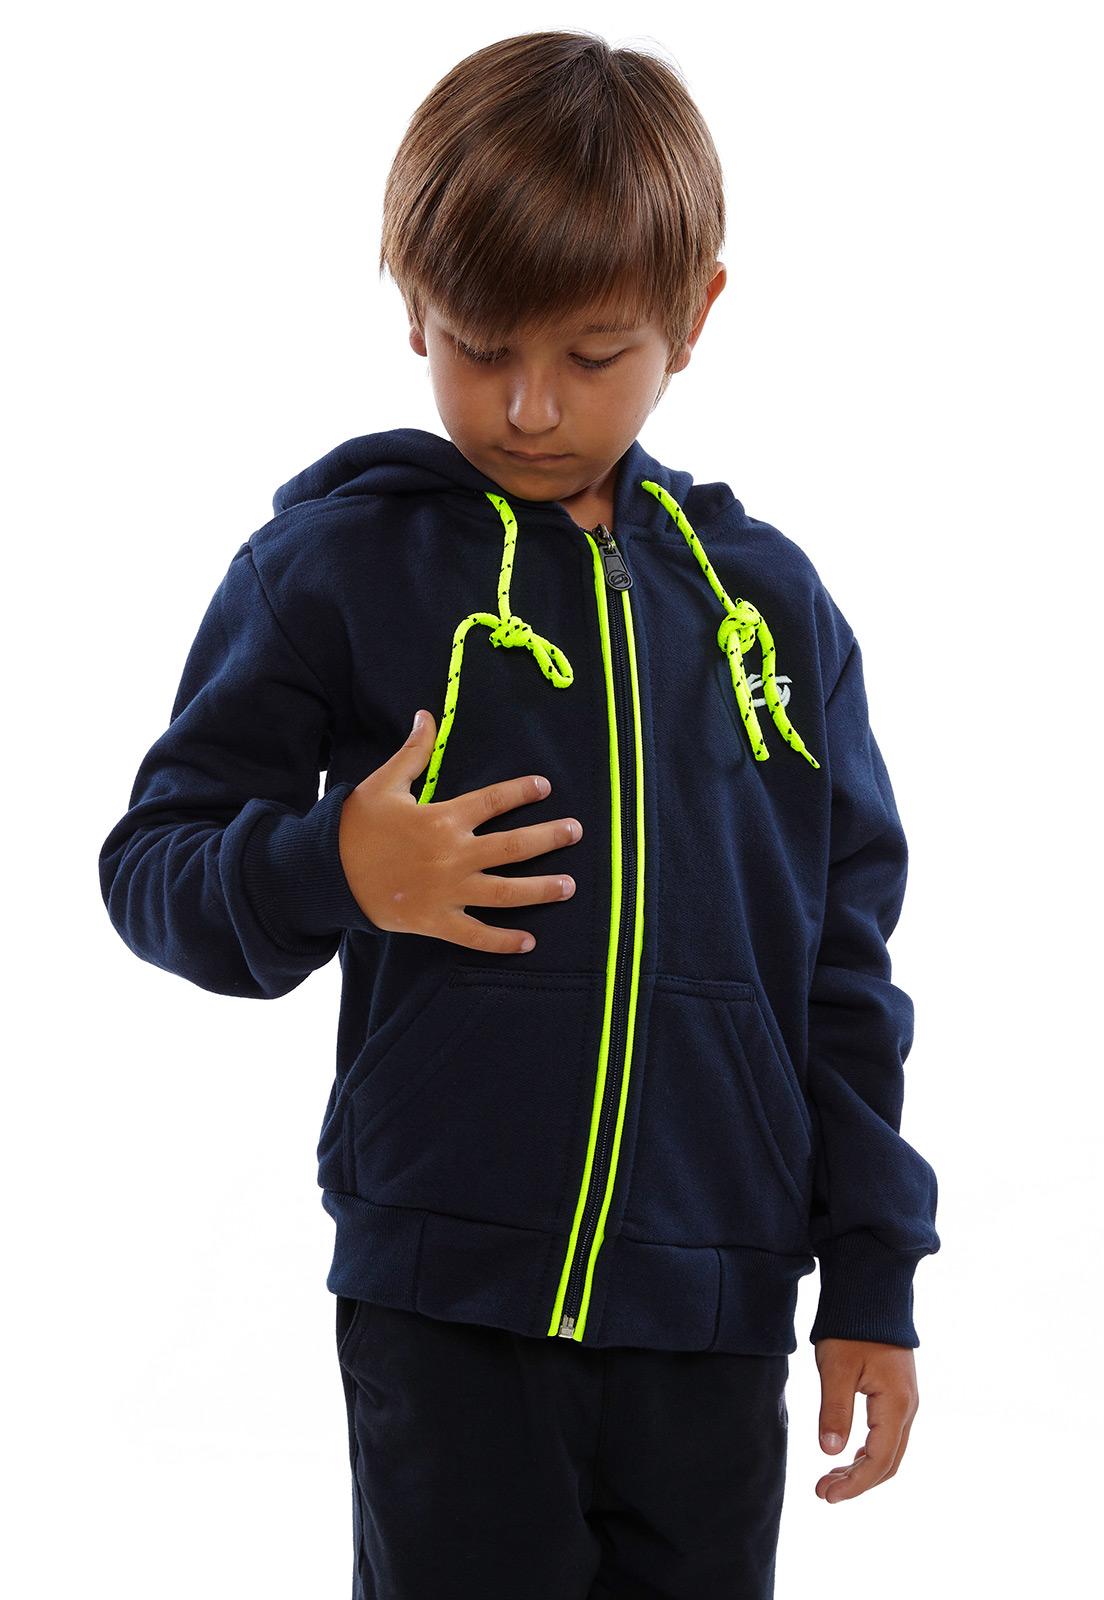 Blusa de Moletom Infantil Vida Marinha Canguru Aberto Preto com Capuz